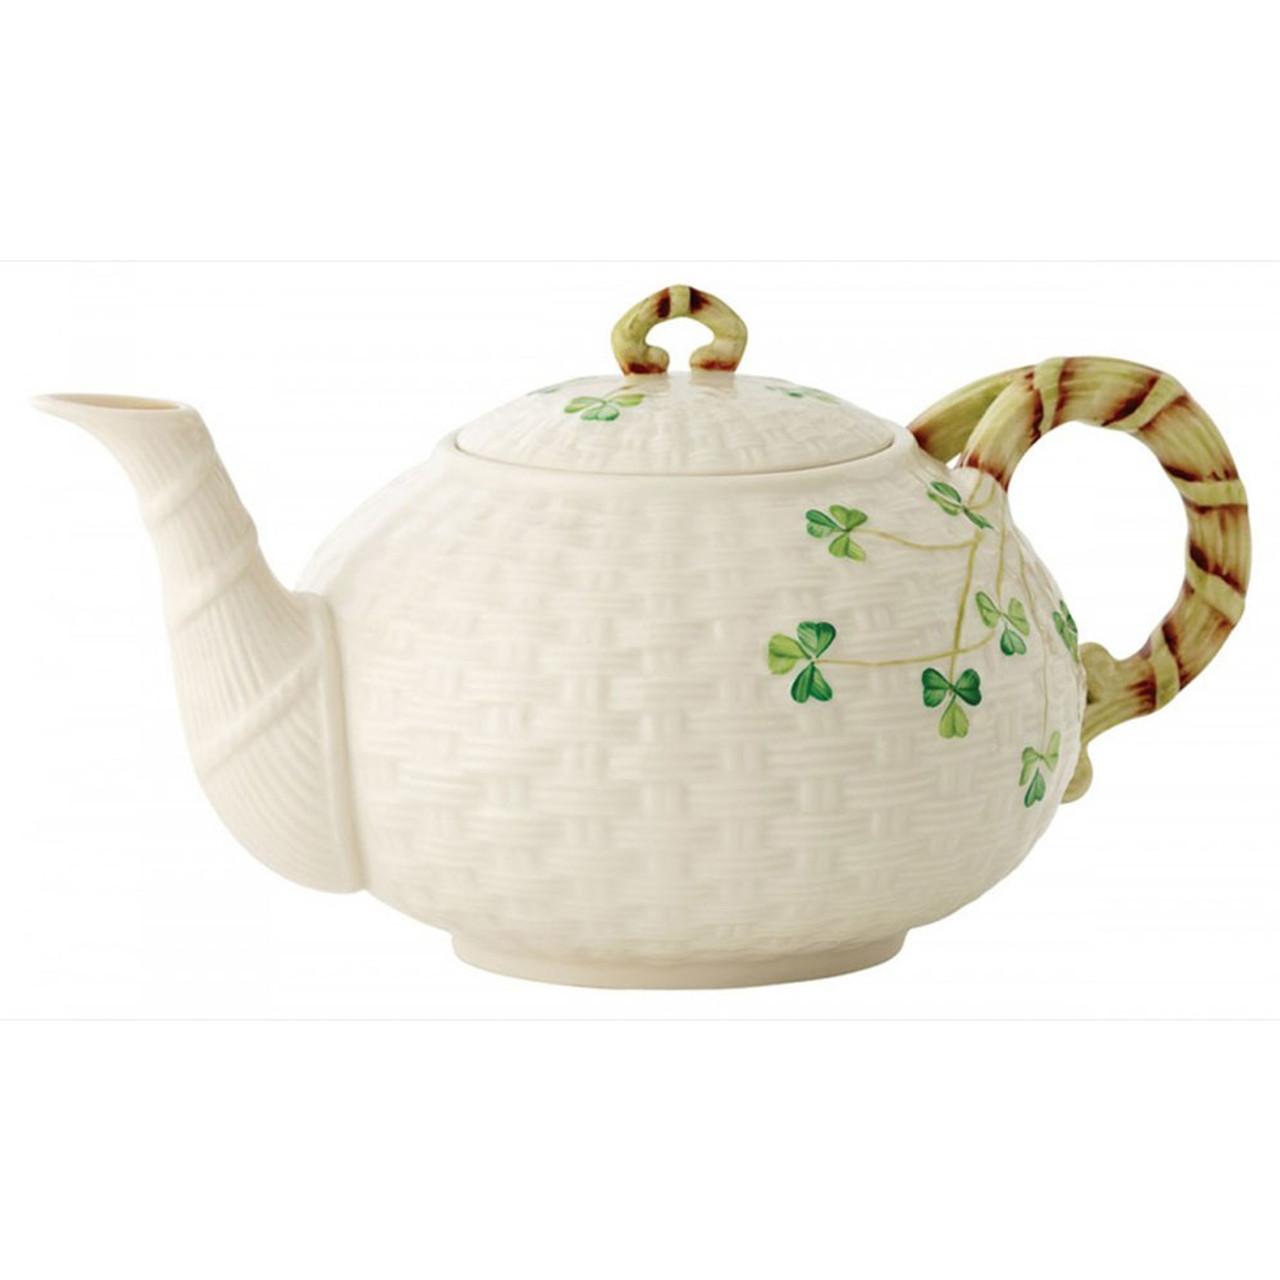 Shamrock Teapot by Belleek